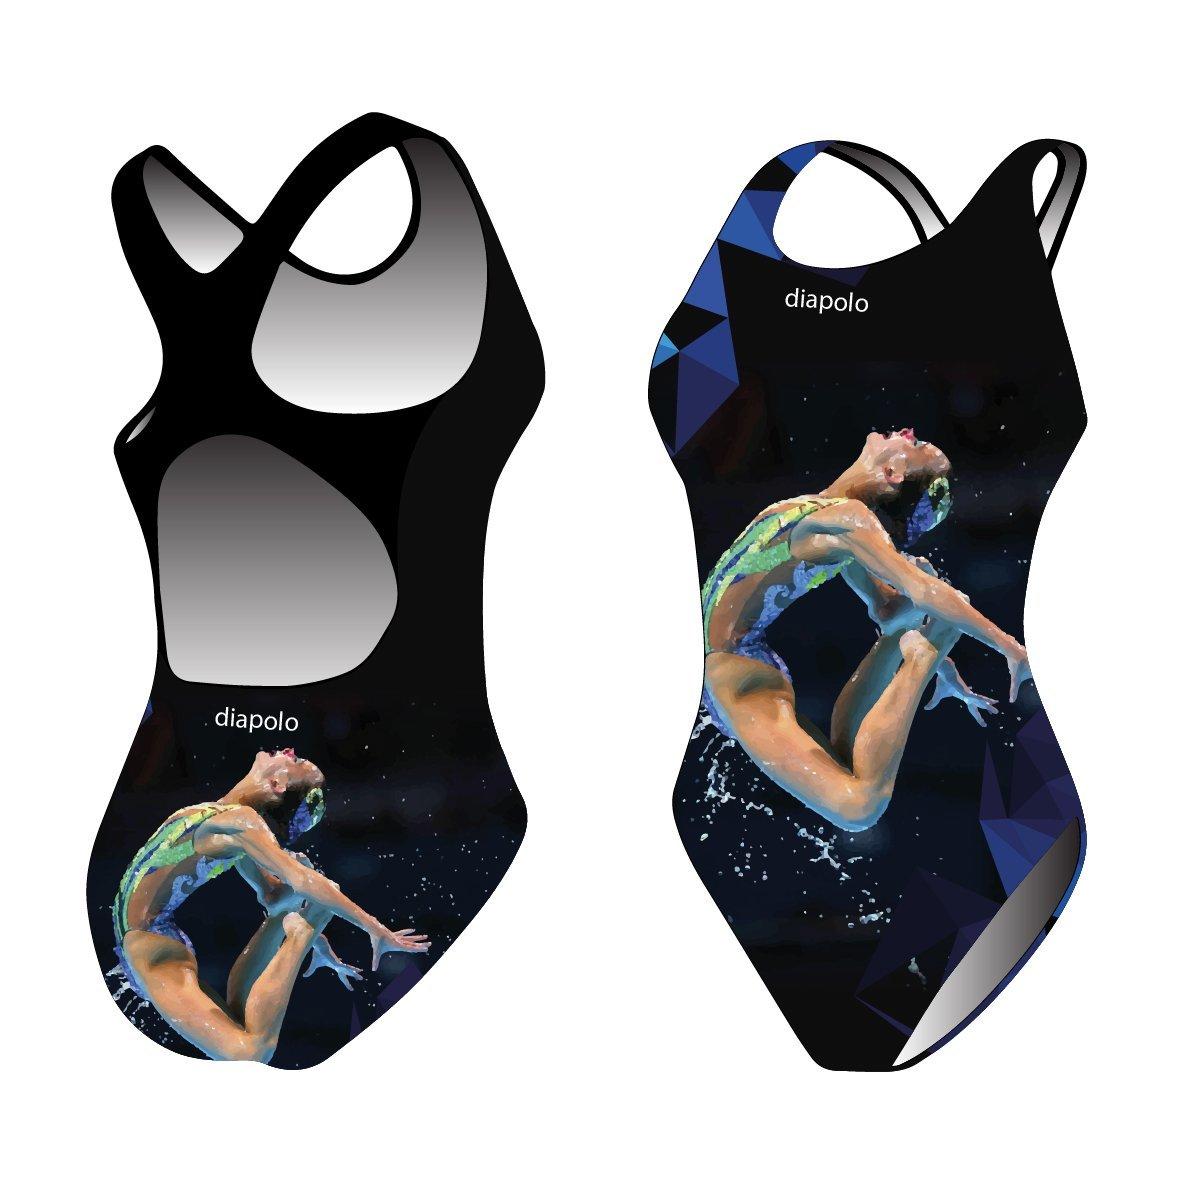 Diapolo Synchr Flyer Badeanzug Synchro Kollektion für Schwimmen Synchronschwimmen Wasserball Triathlon